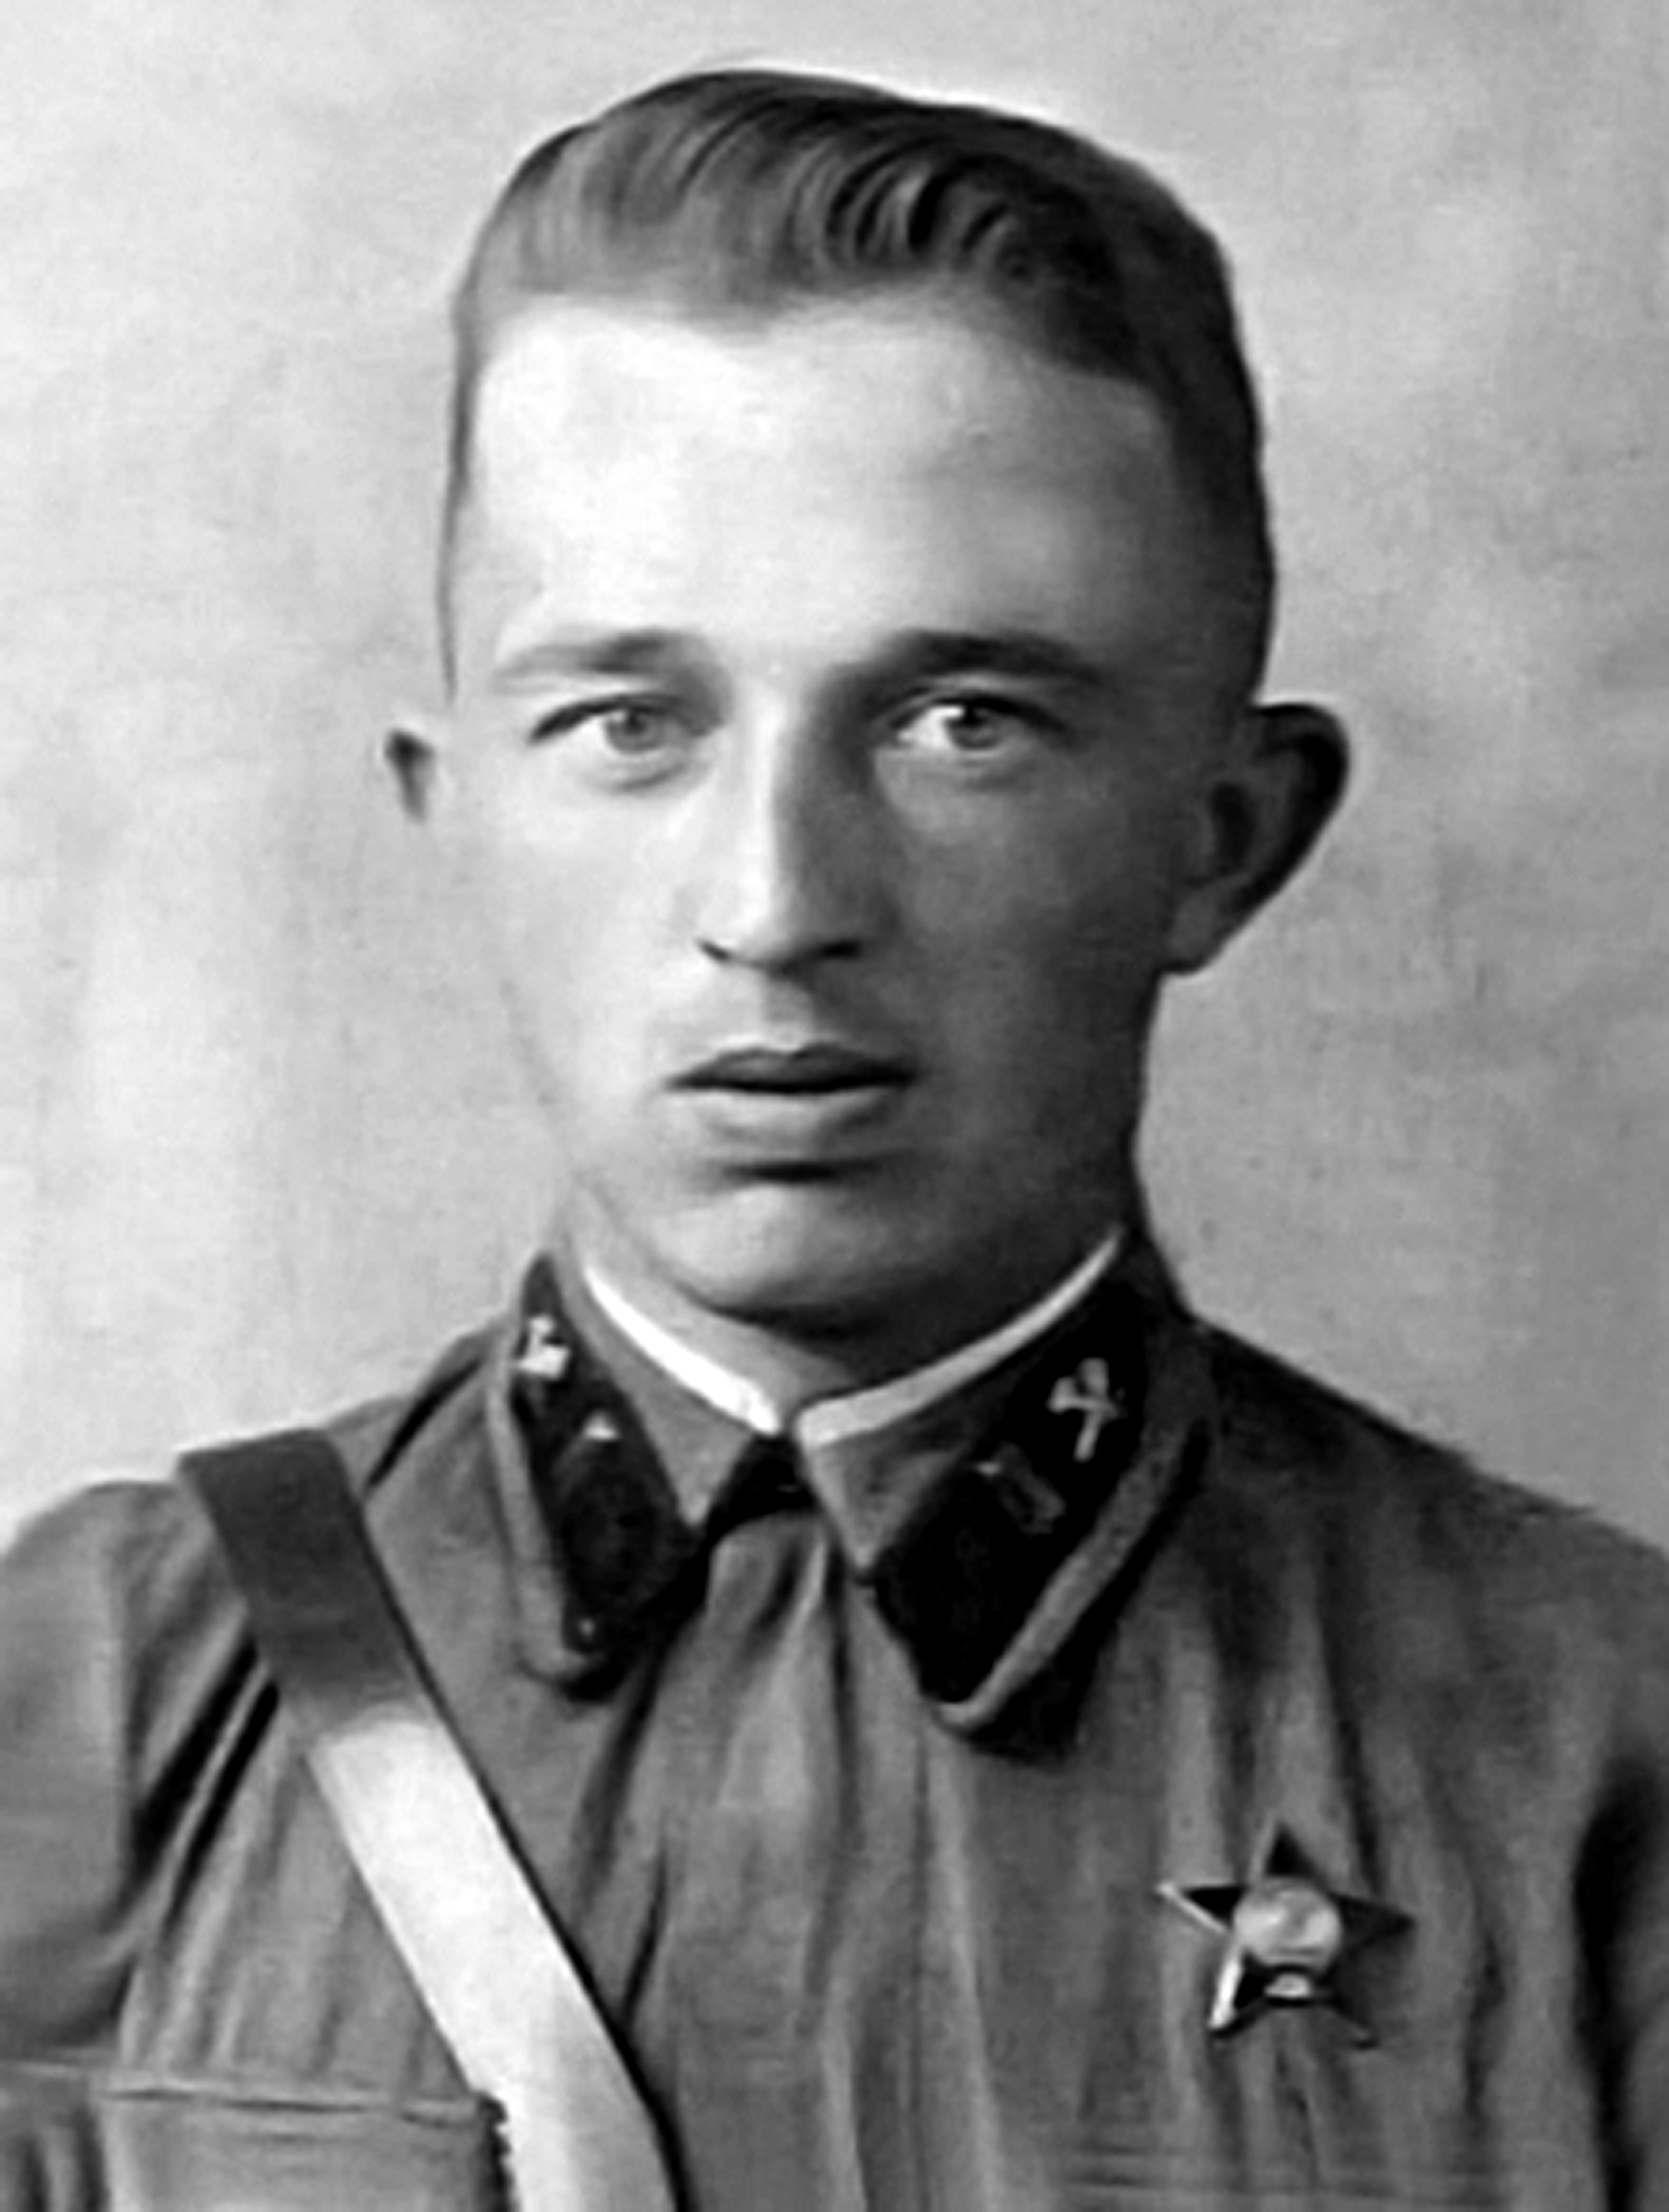 Член кпсс с 1904 года иванов тимофей иванович